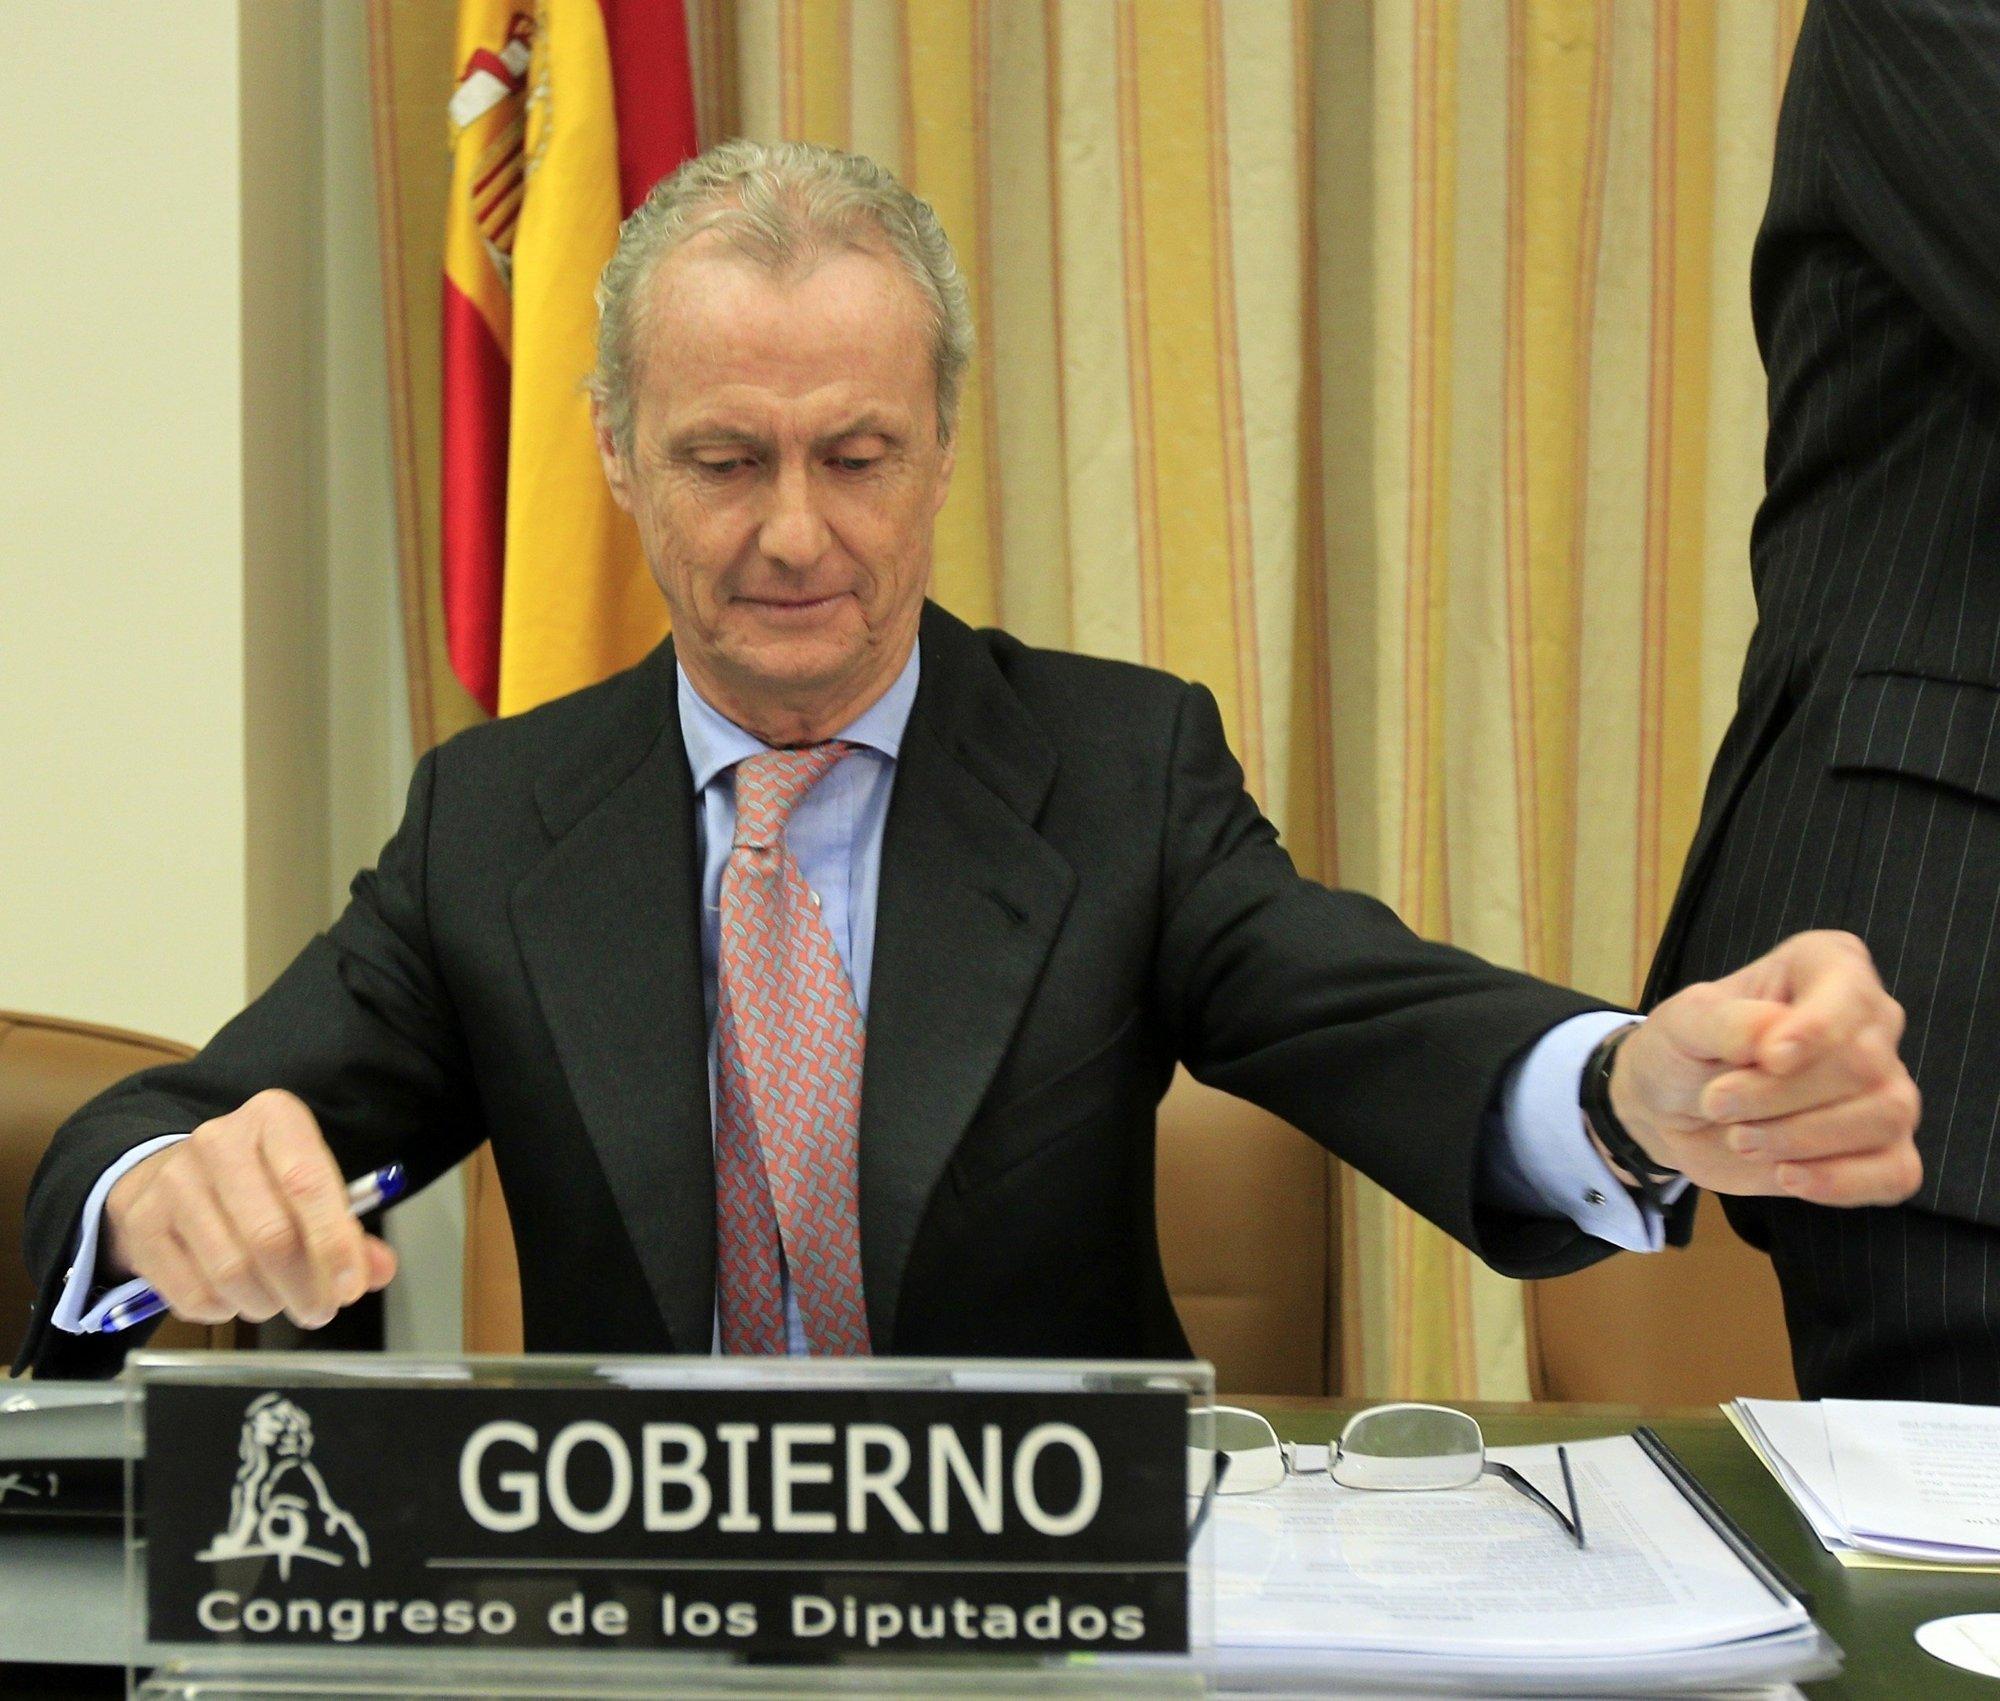 Morenés no contempla «en principio» reducir personal en las Fuerzas Armadas,aunque revisará «todas las áreas» de Defensa